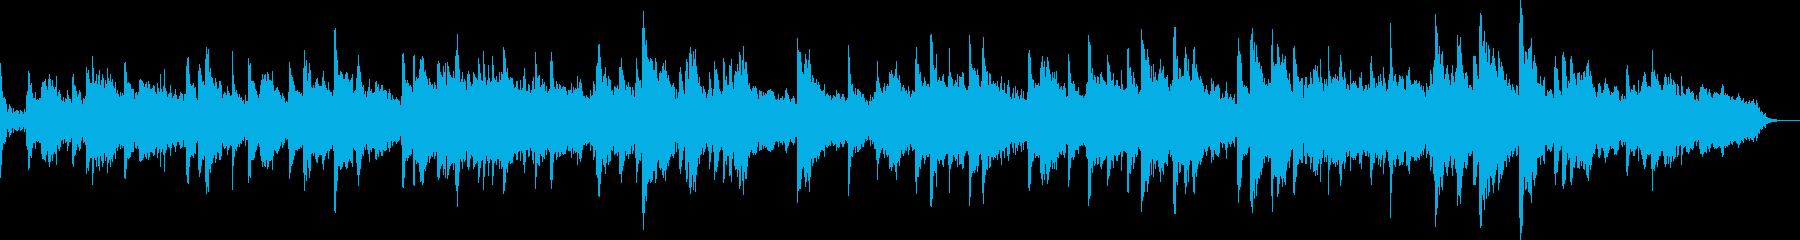 ピアノとシンセによる春のイメージの再生済みの波形